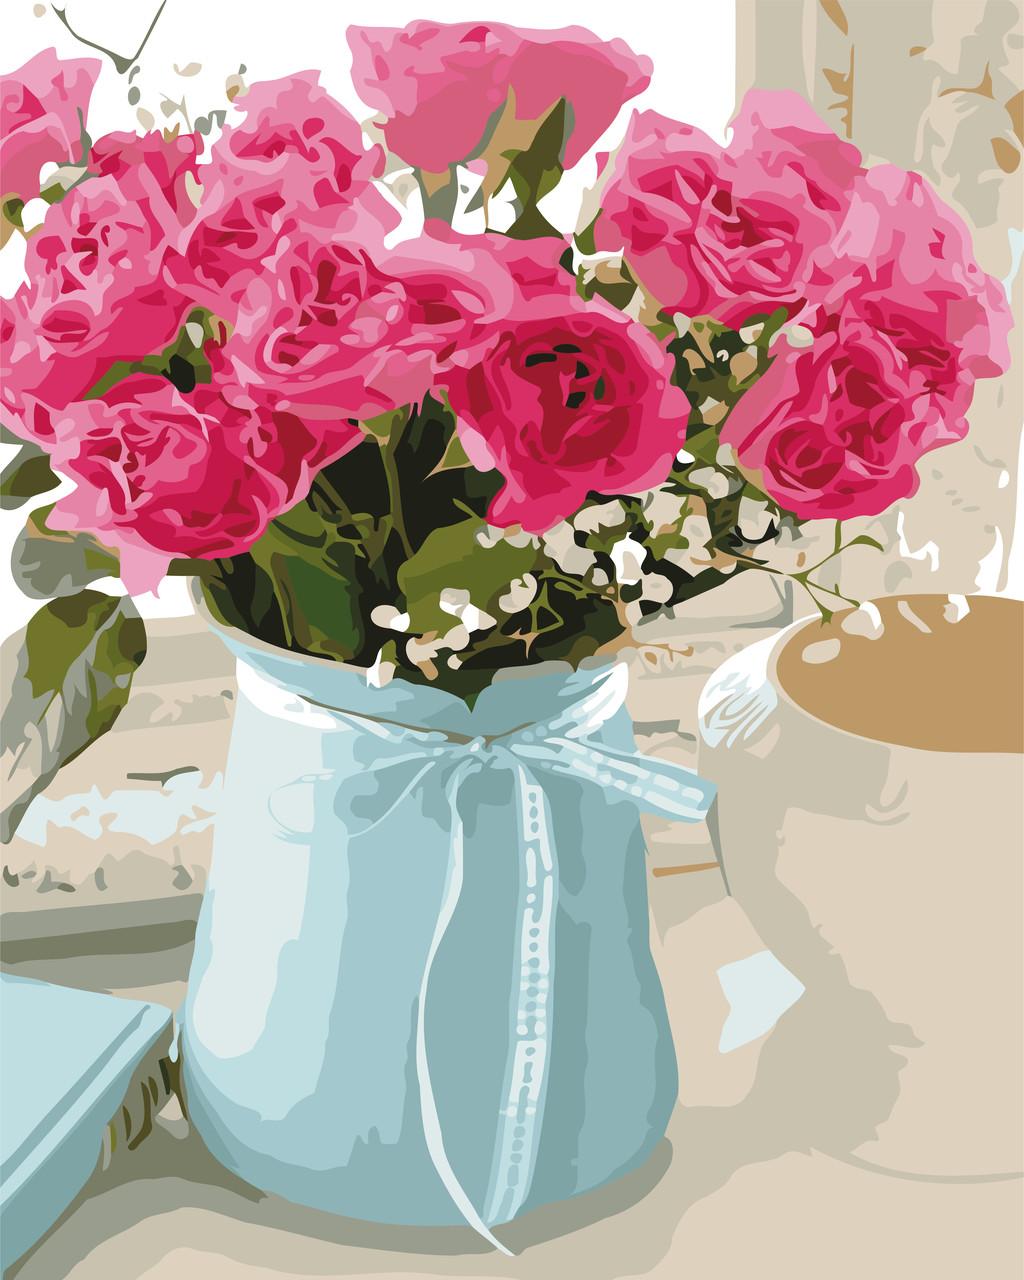 Картина по номерам Розовые розы, 40x50 см Art Story